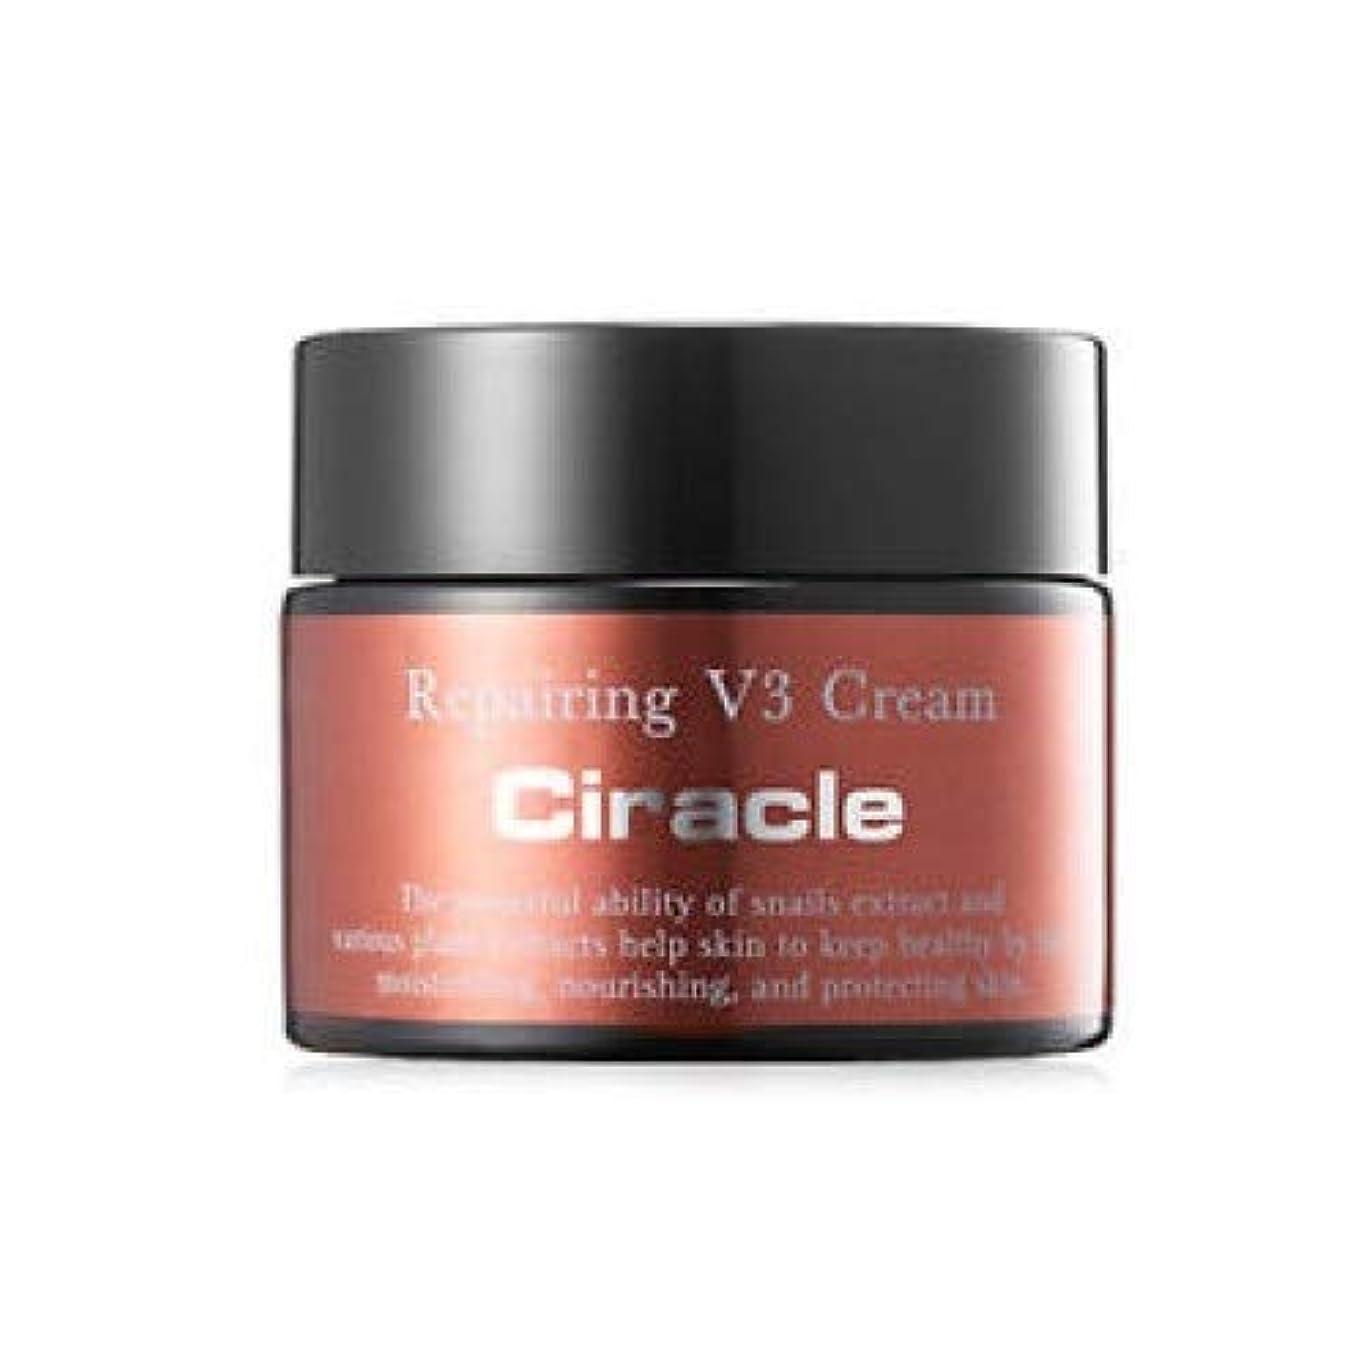 捨てる助言する入浴Ciracle シラクル リペアリング スネイル V3クリーム 毛穴ケア 乳液 保湿効果 美白 トラブル肌